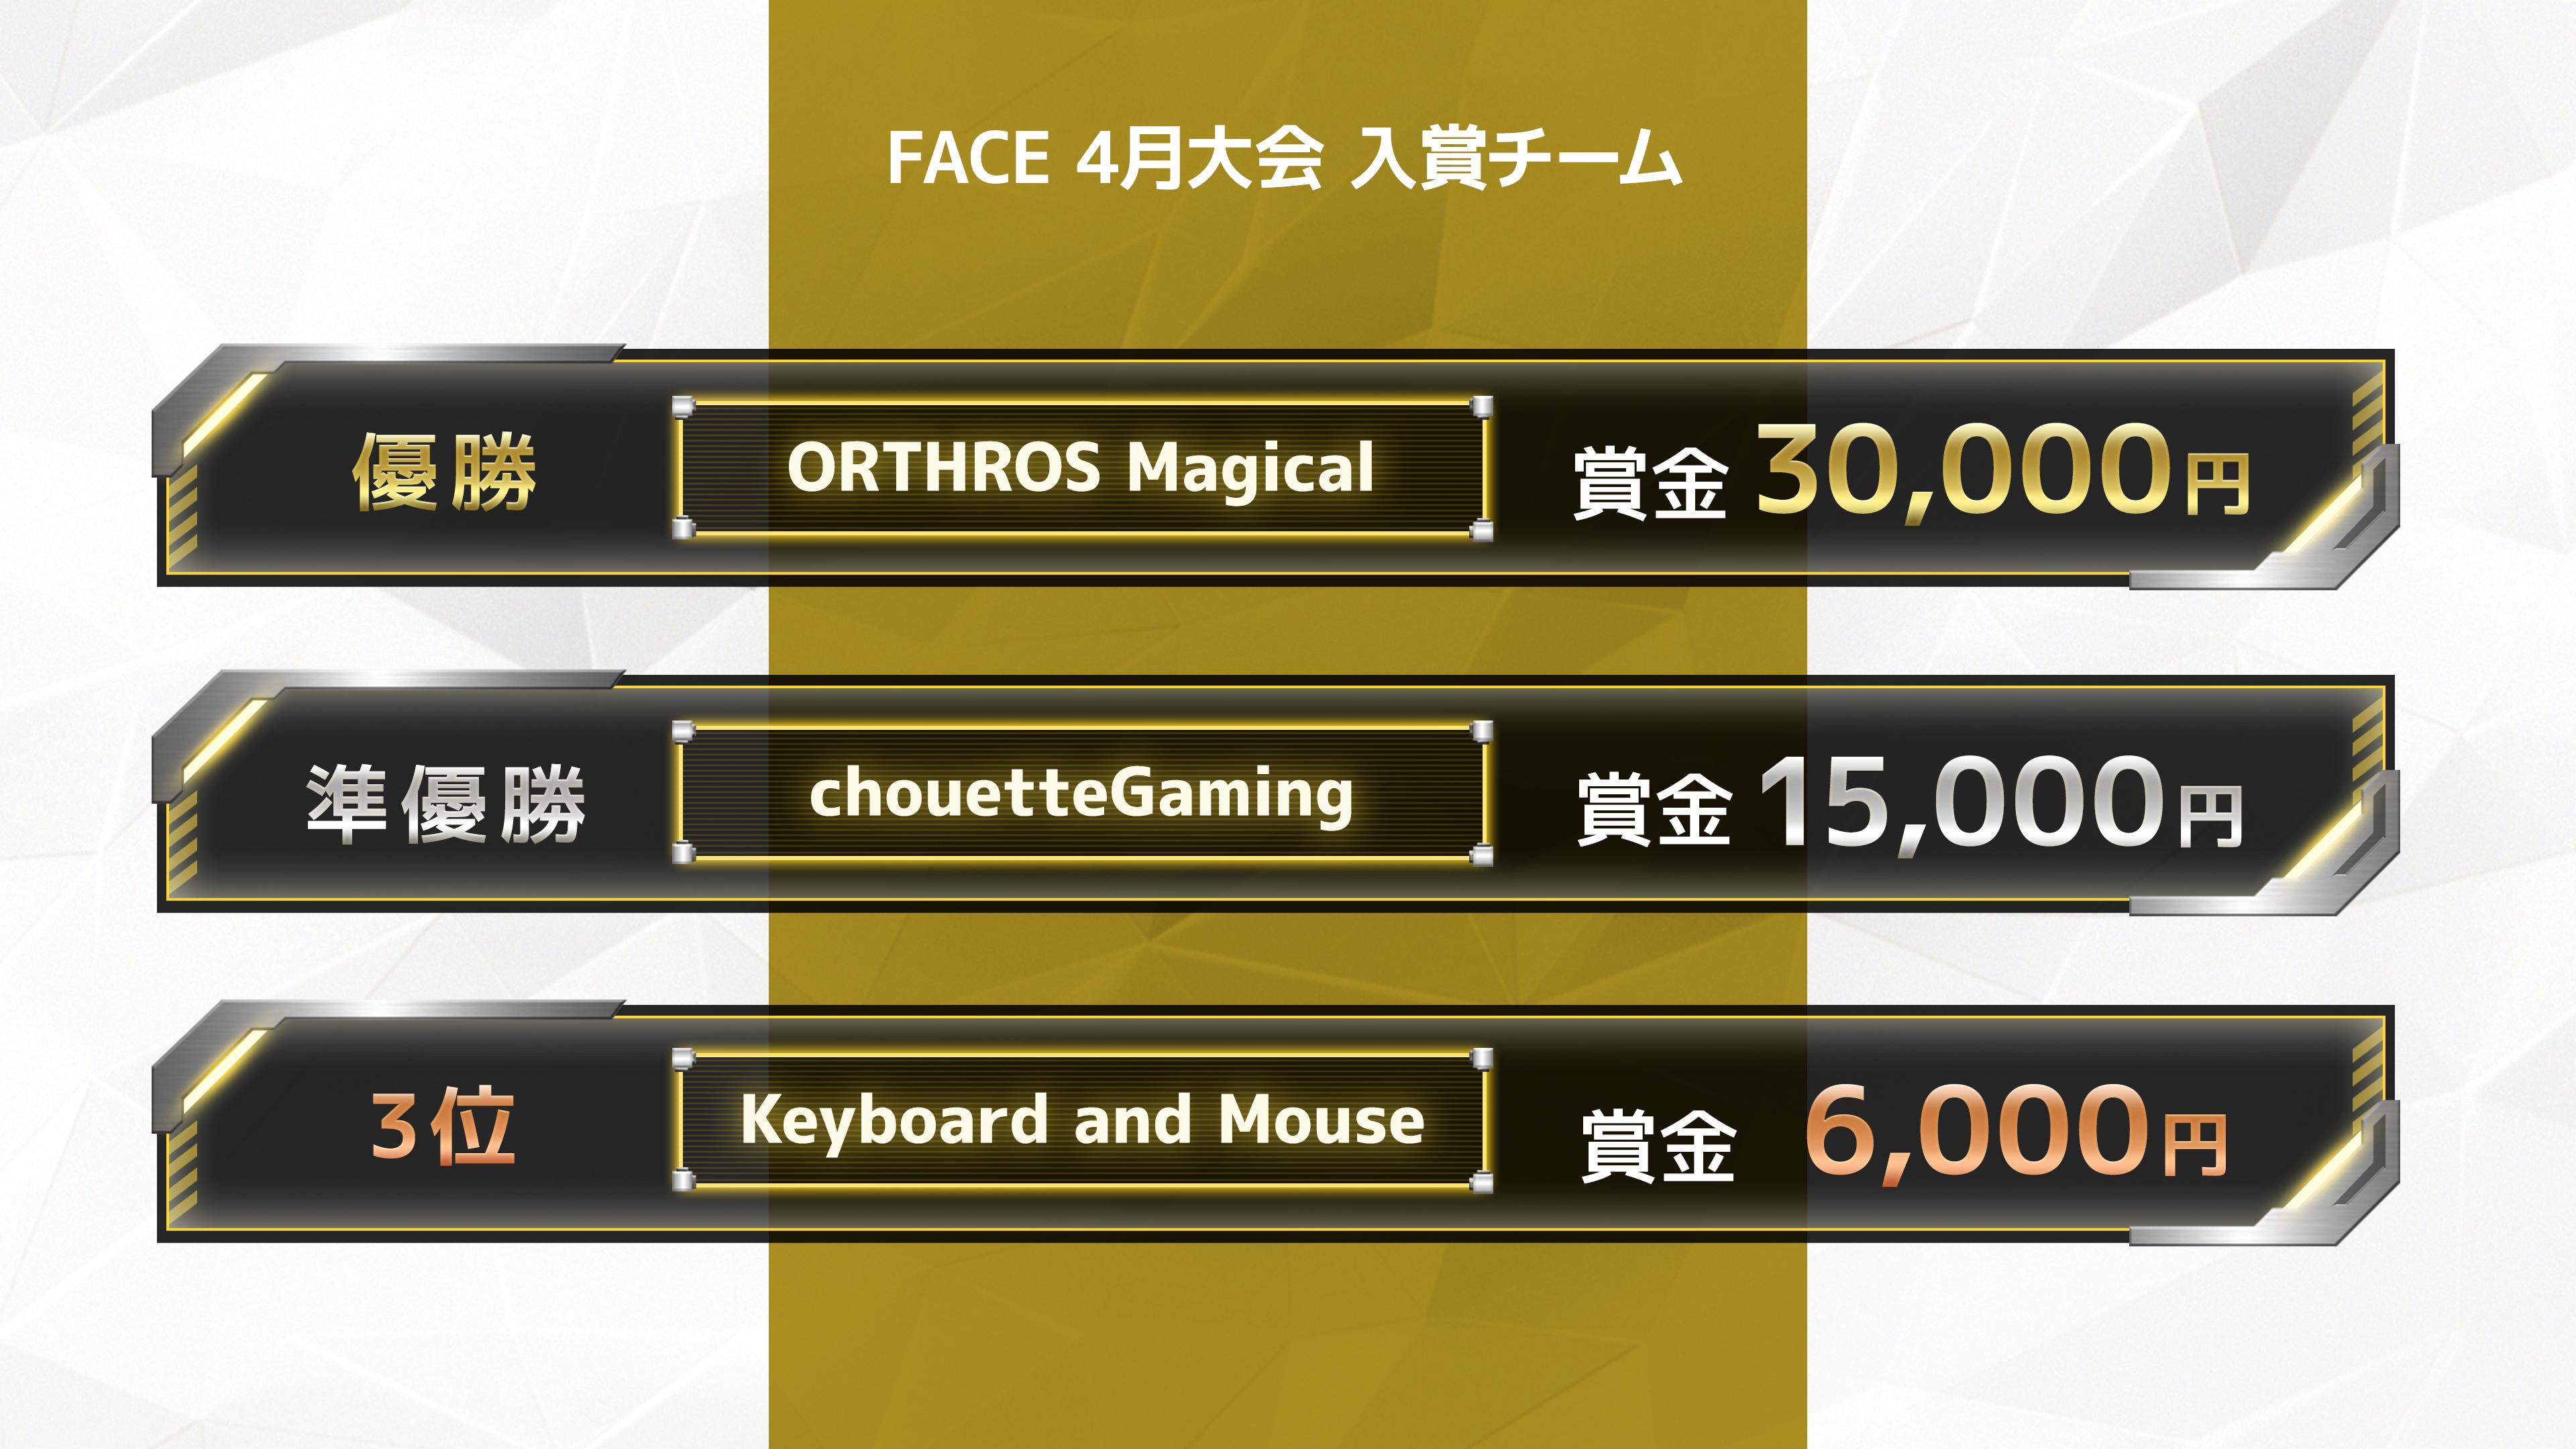 FACE_APEX_Slide_v3_賞金01_チーム名ver2_4K.png